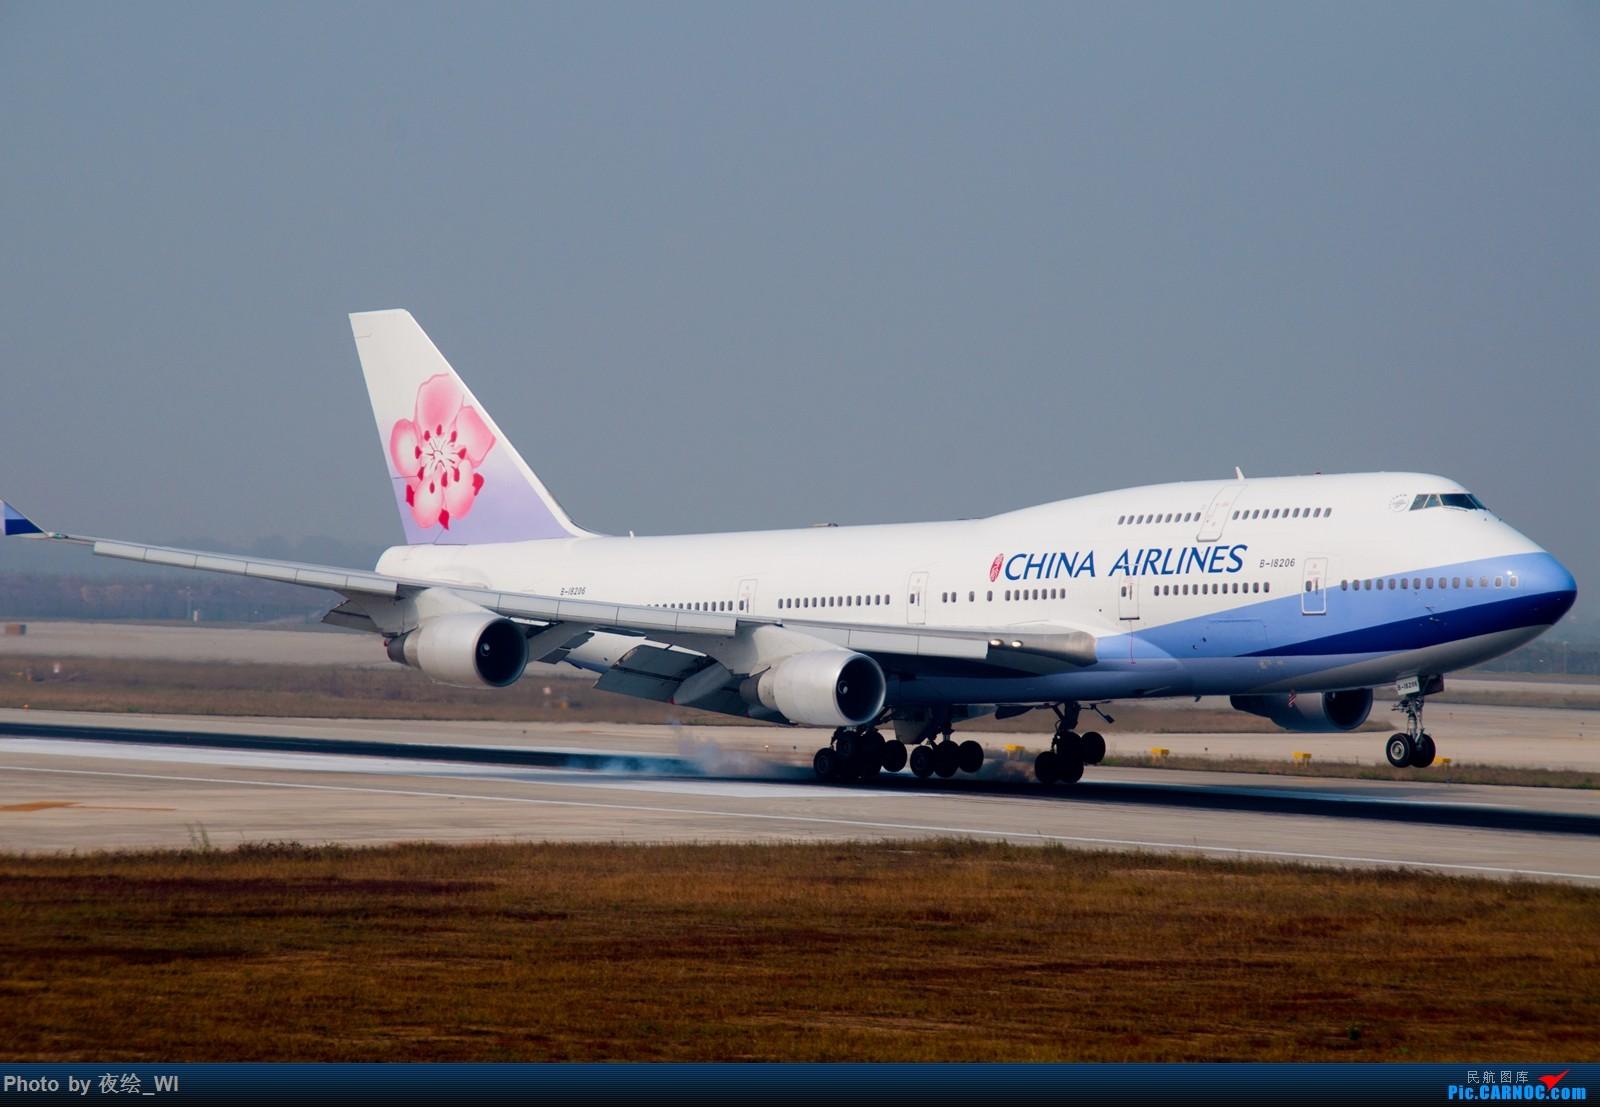 Re:[原创]【NKG】生日第二天就去拍机,日常练手+练后期,今天是胶片味 BOEING 747-400 B-18206 中国南京禄口国际机场